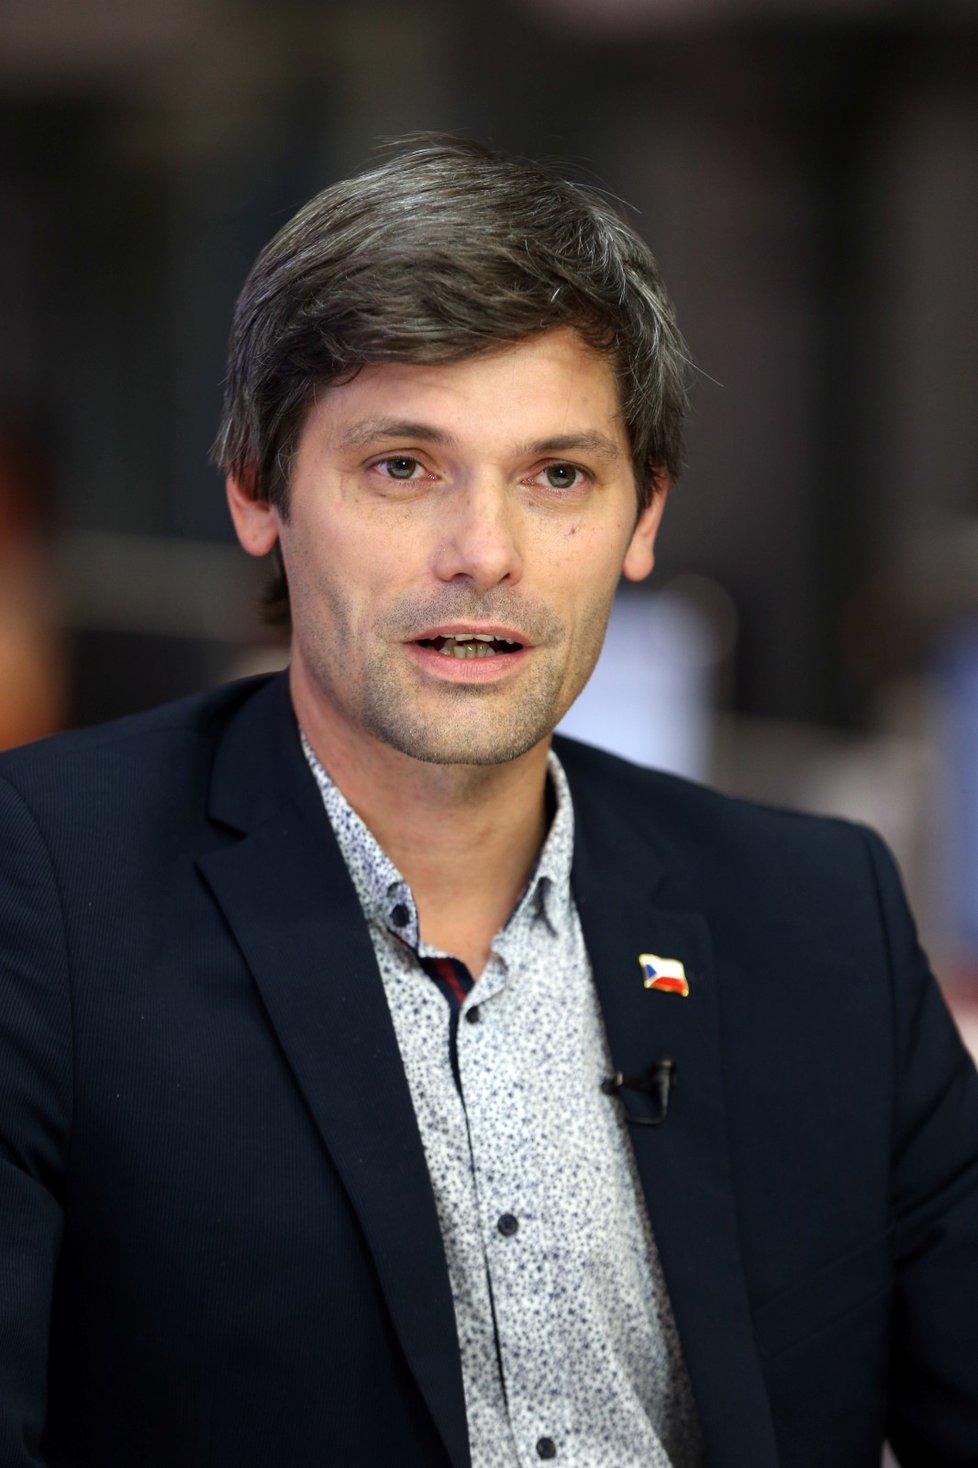 Duel Blesku: Marek Hilšer (12. 9. 2018)